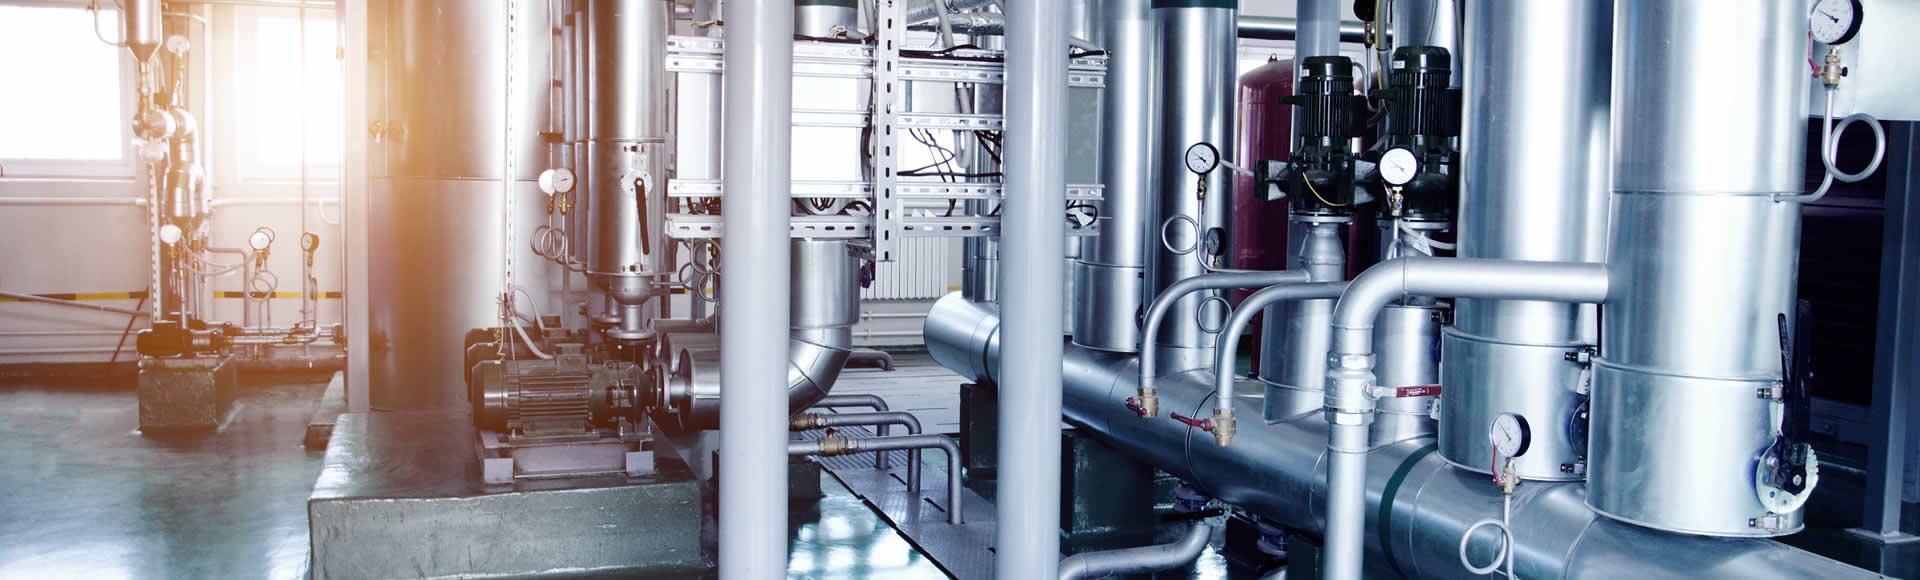 Bioburden Build Up in recirculation systems?